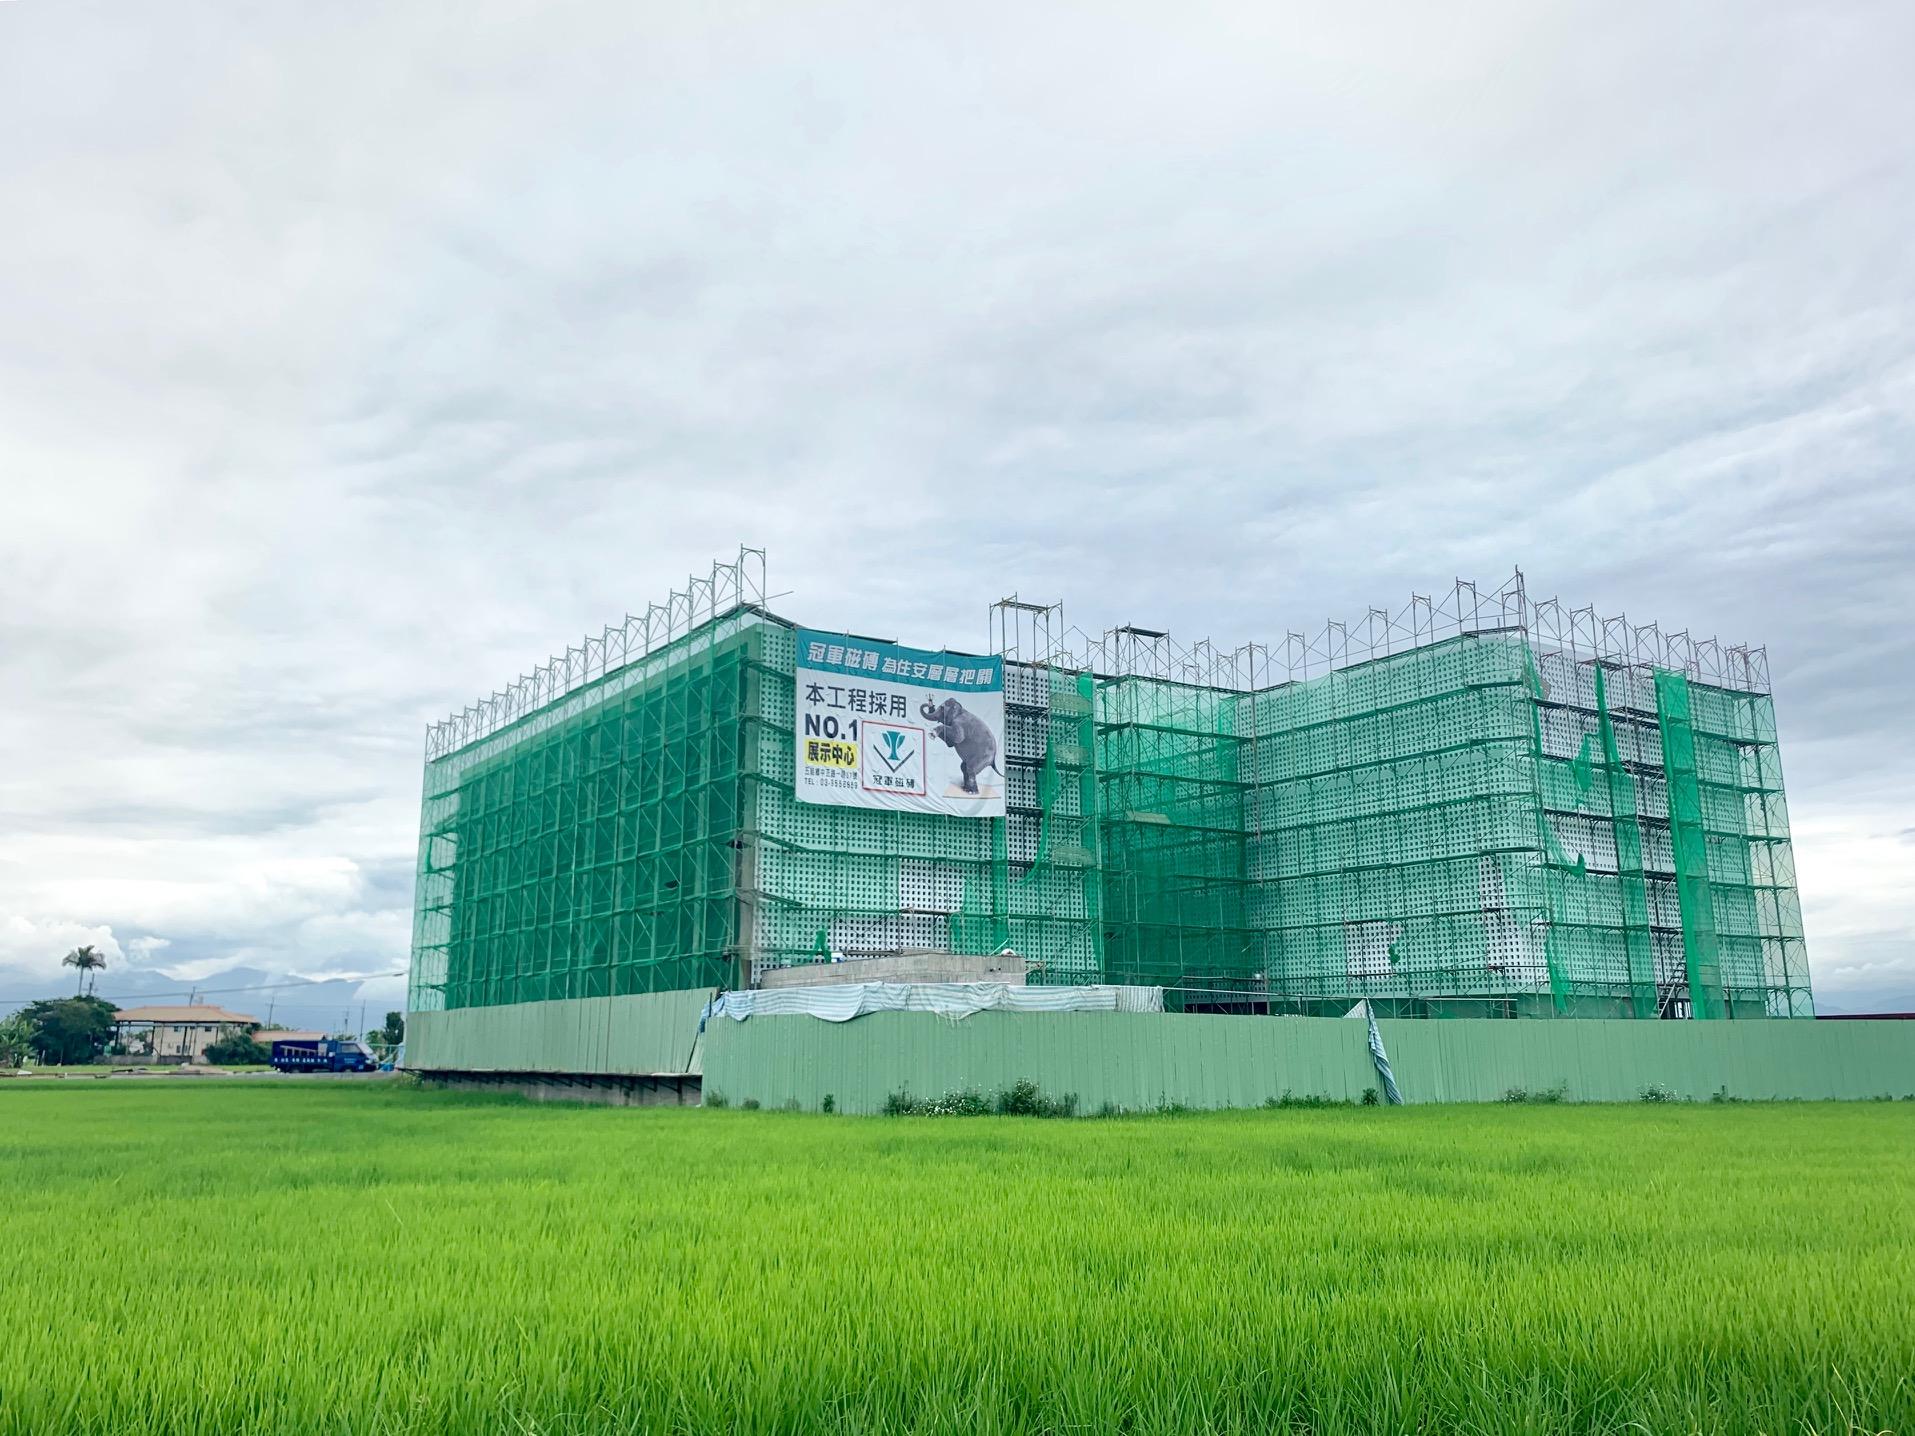 德築-DEZU-project-Zutian-architecture-real-estate-engineering-21